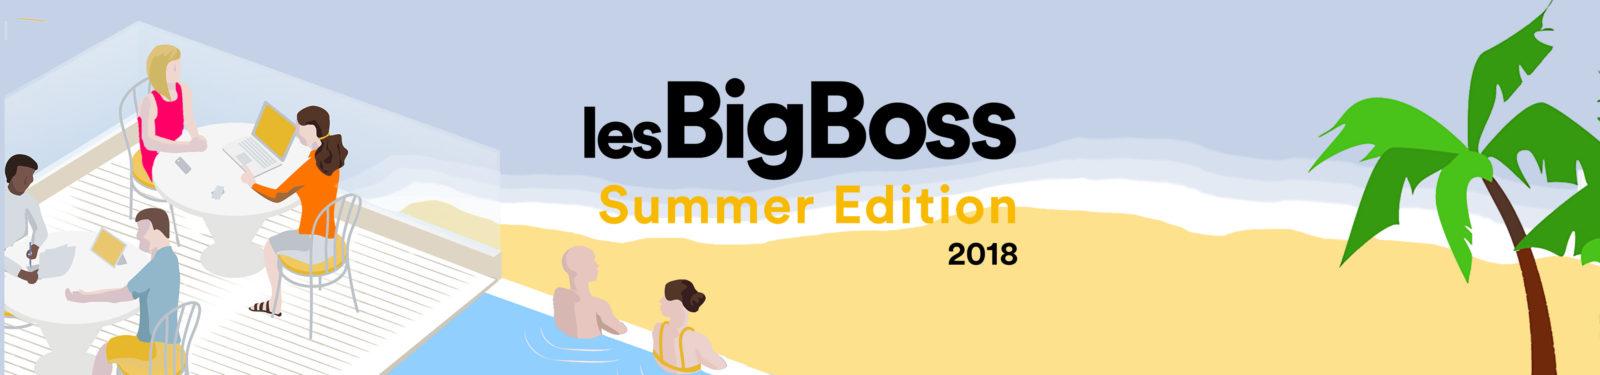 big boss summer edition 2018